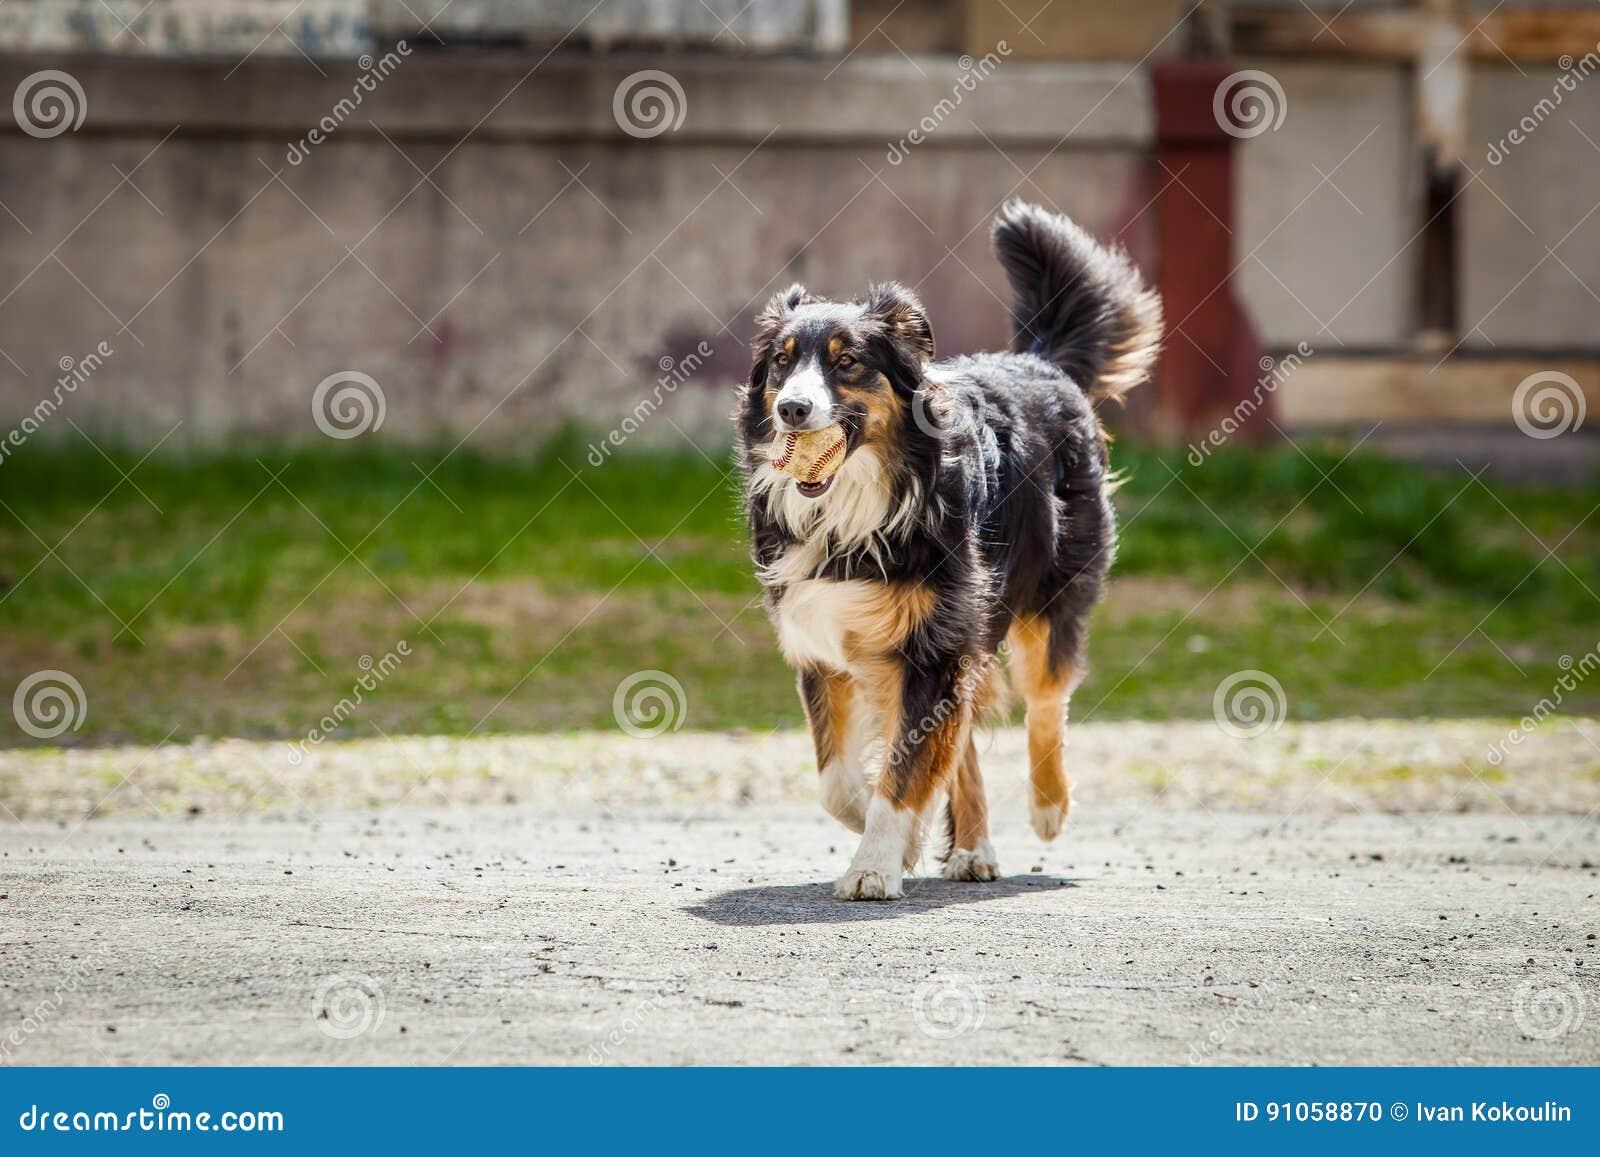 Fetch dog running